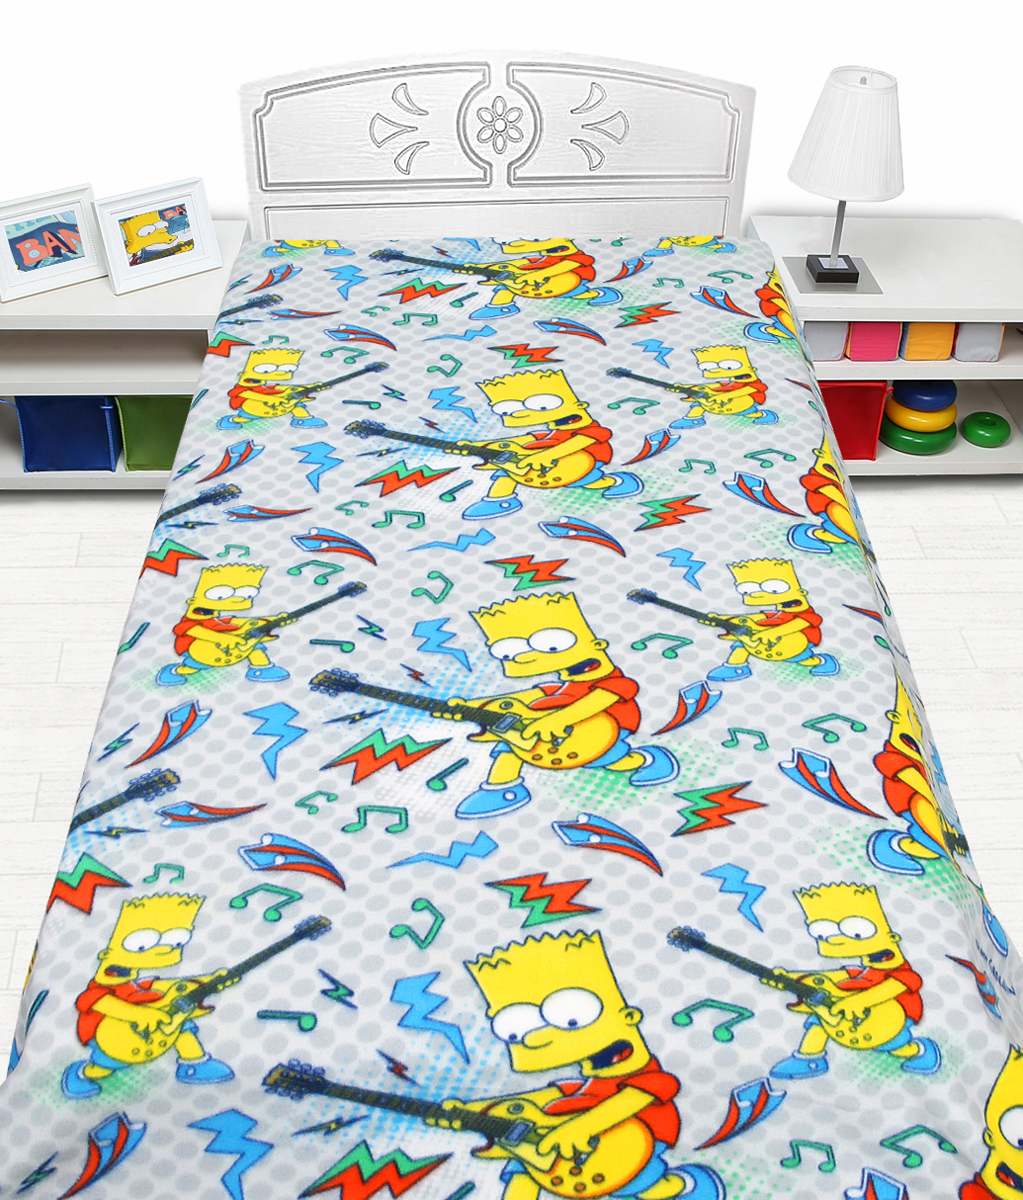 Плед флисовый Mona Liza Simpsons, цвет: серый, размер 150 см х 200 см531-326Режим стирки: при 30 градусах; плотность плетения ткани: средняя